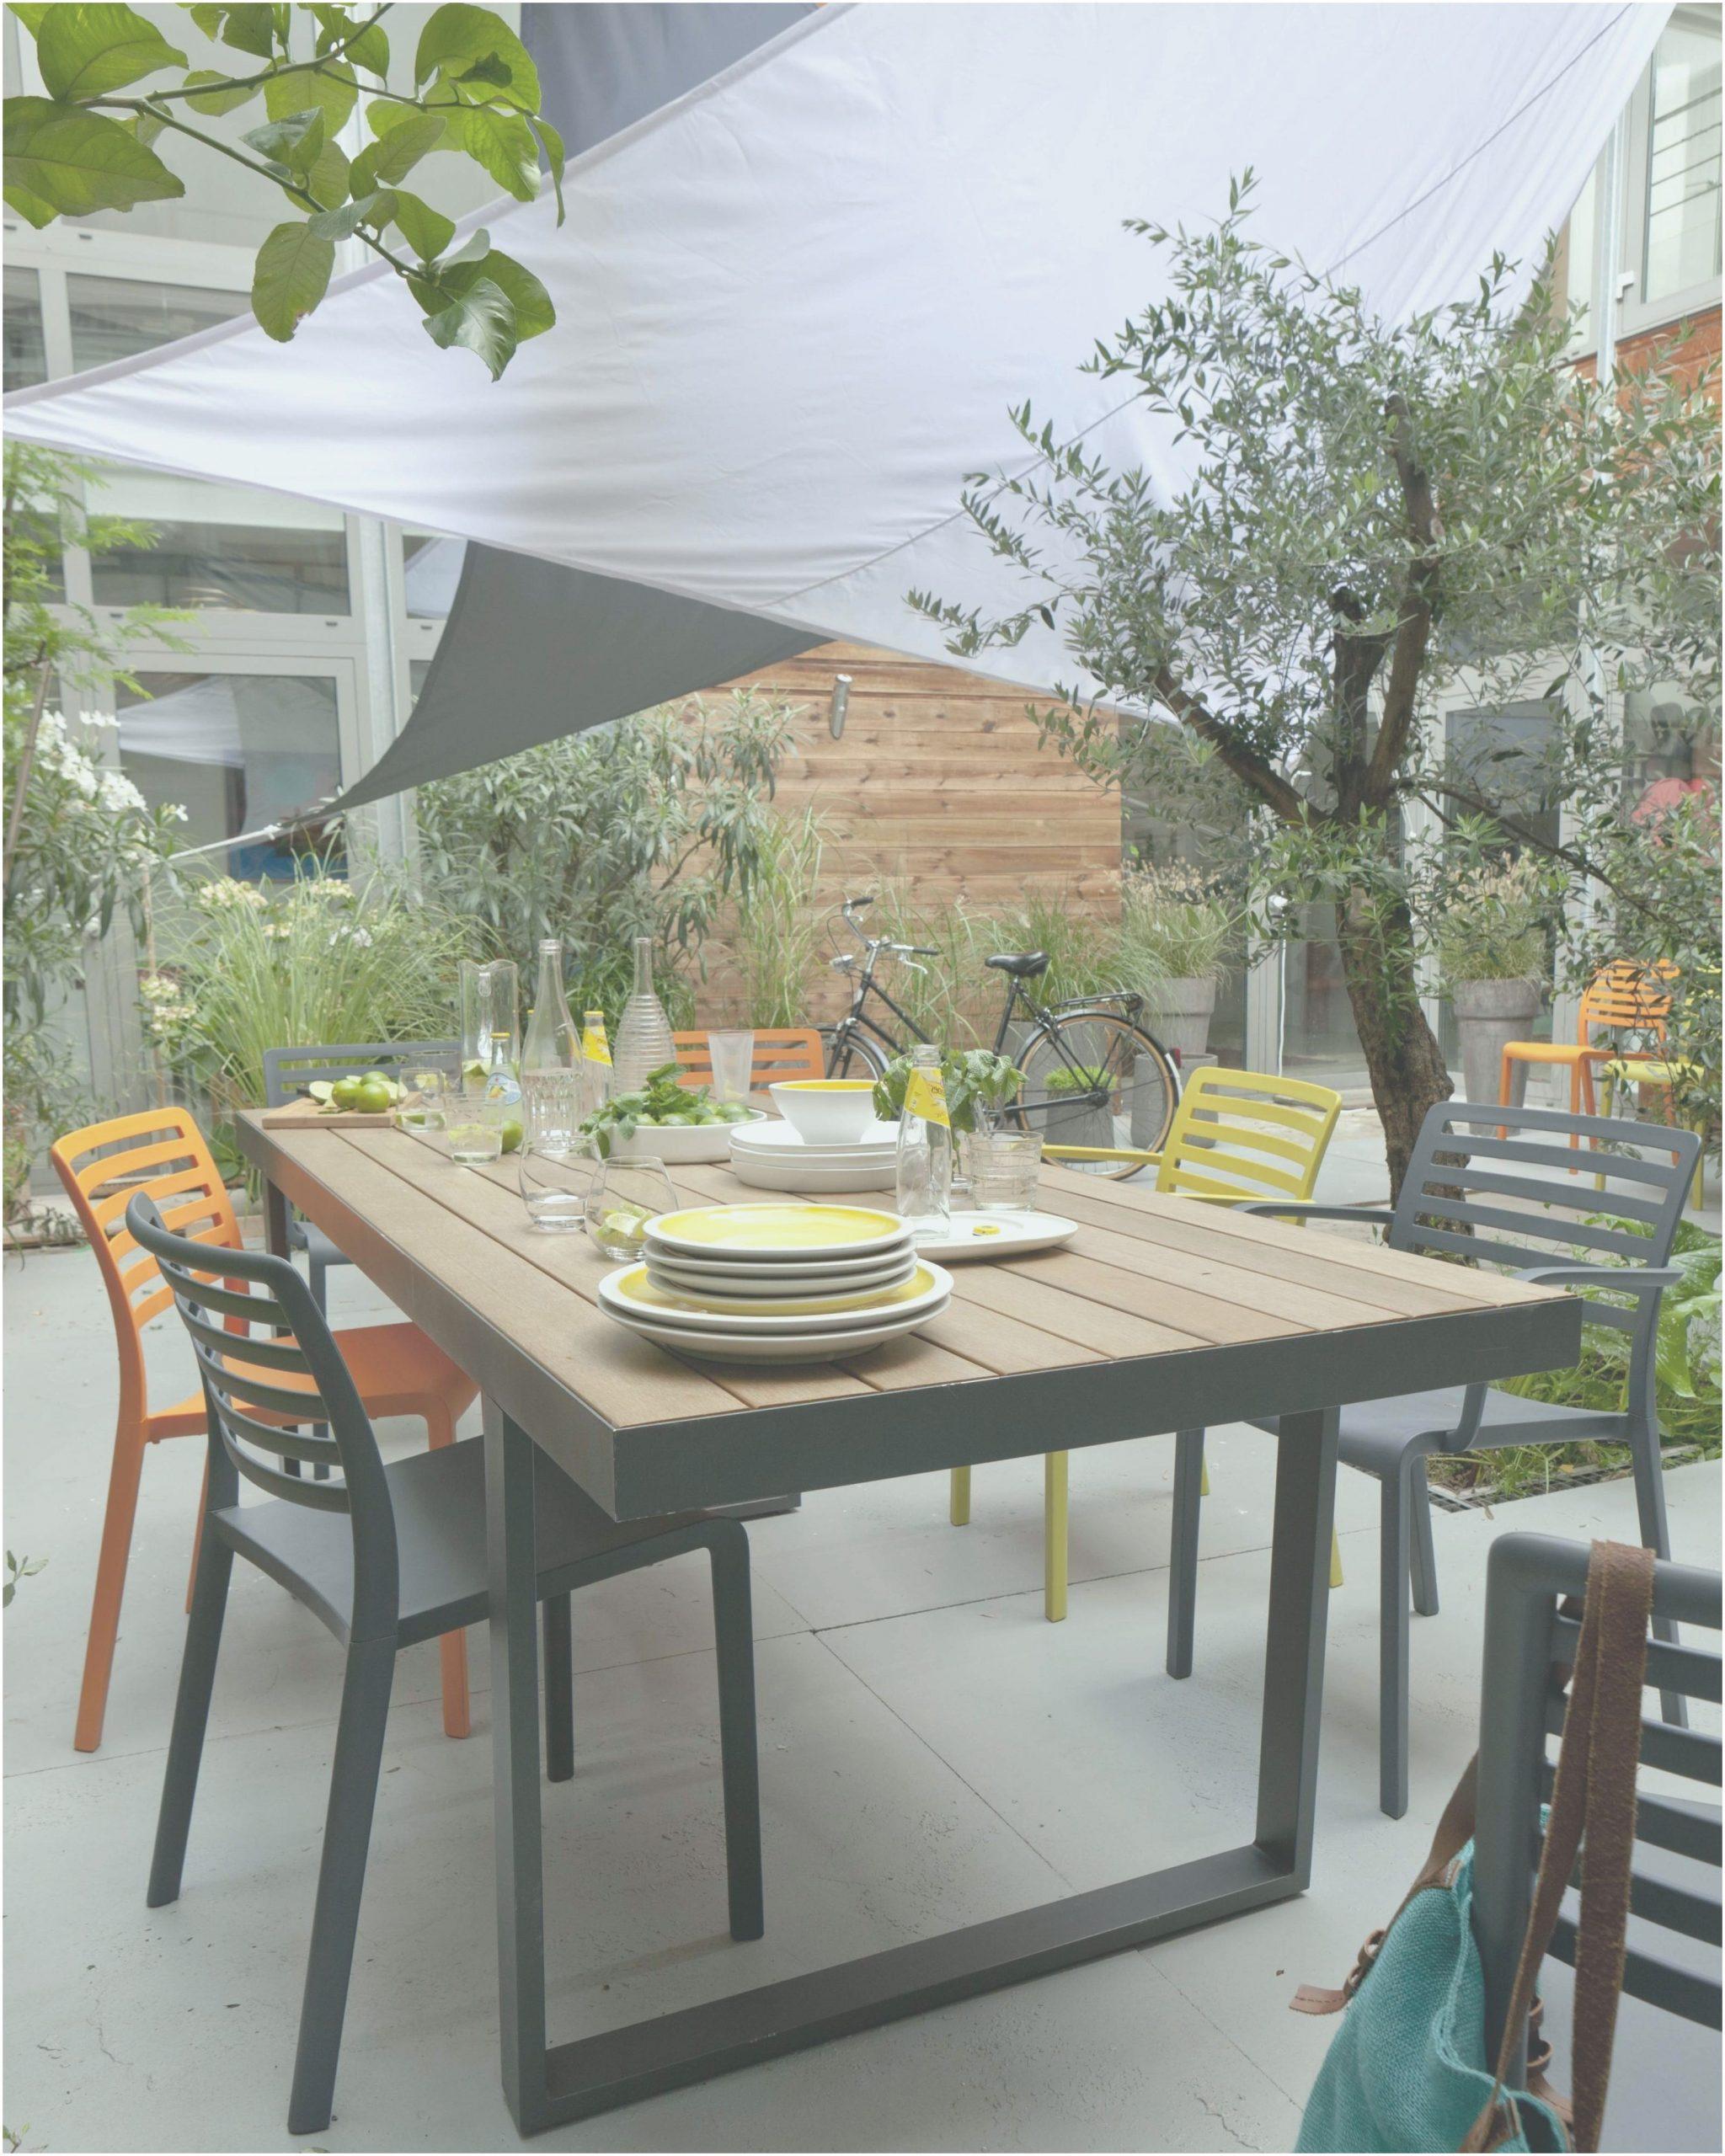 46 Idées De Design Meuble De Jardin Leroy Merlin à Salon De Jardin Leroy Merlin Resine